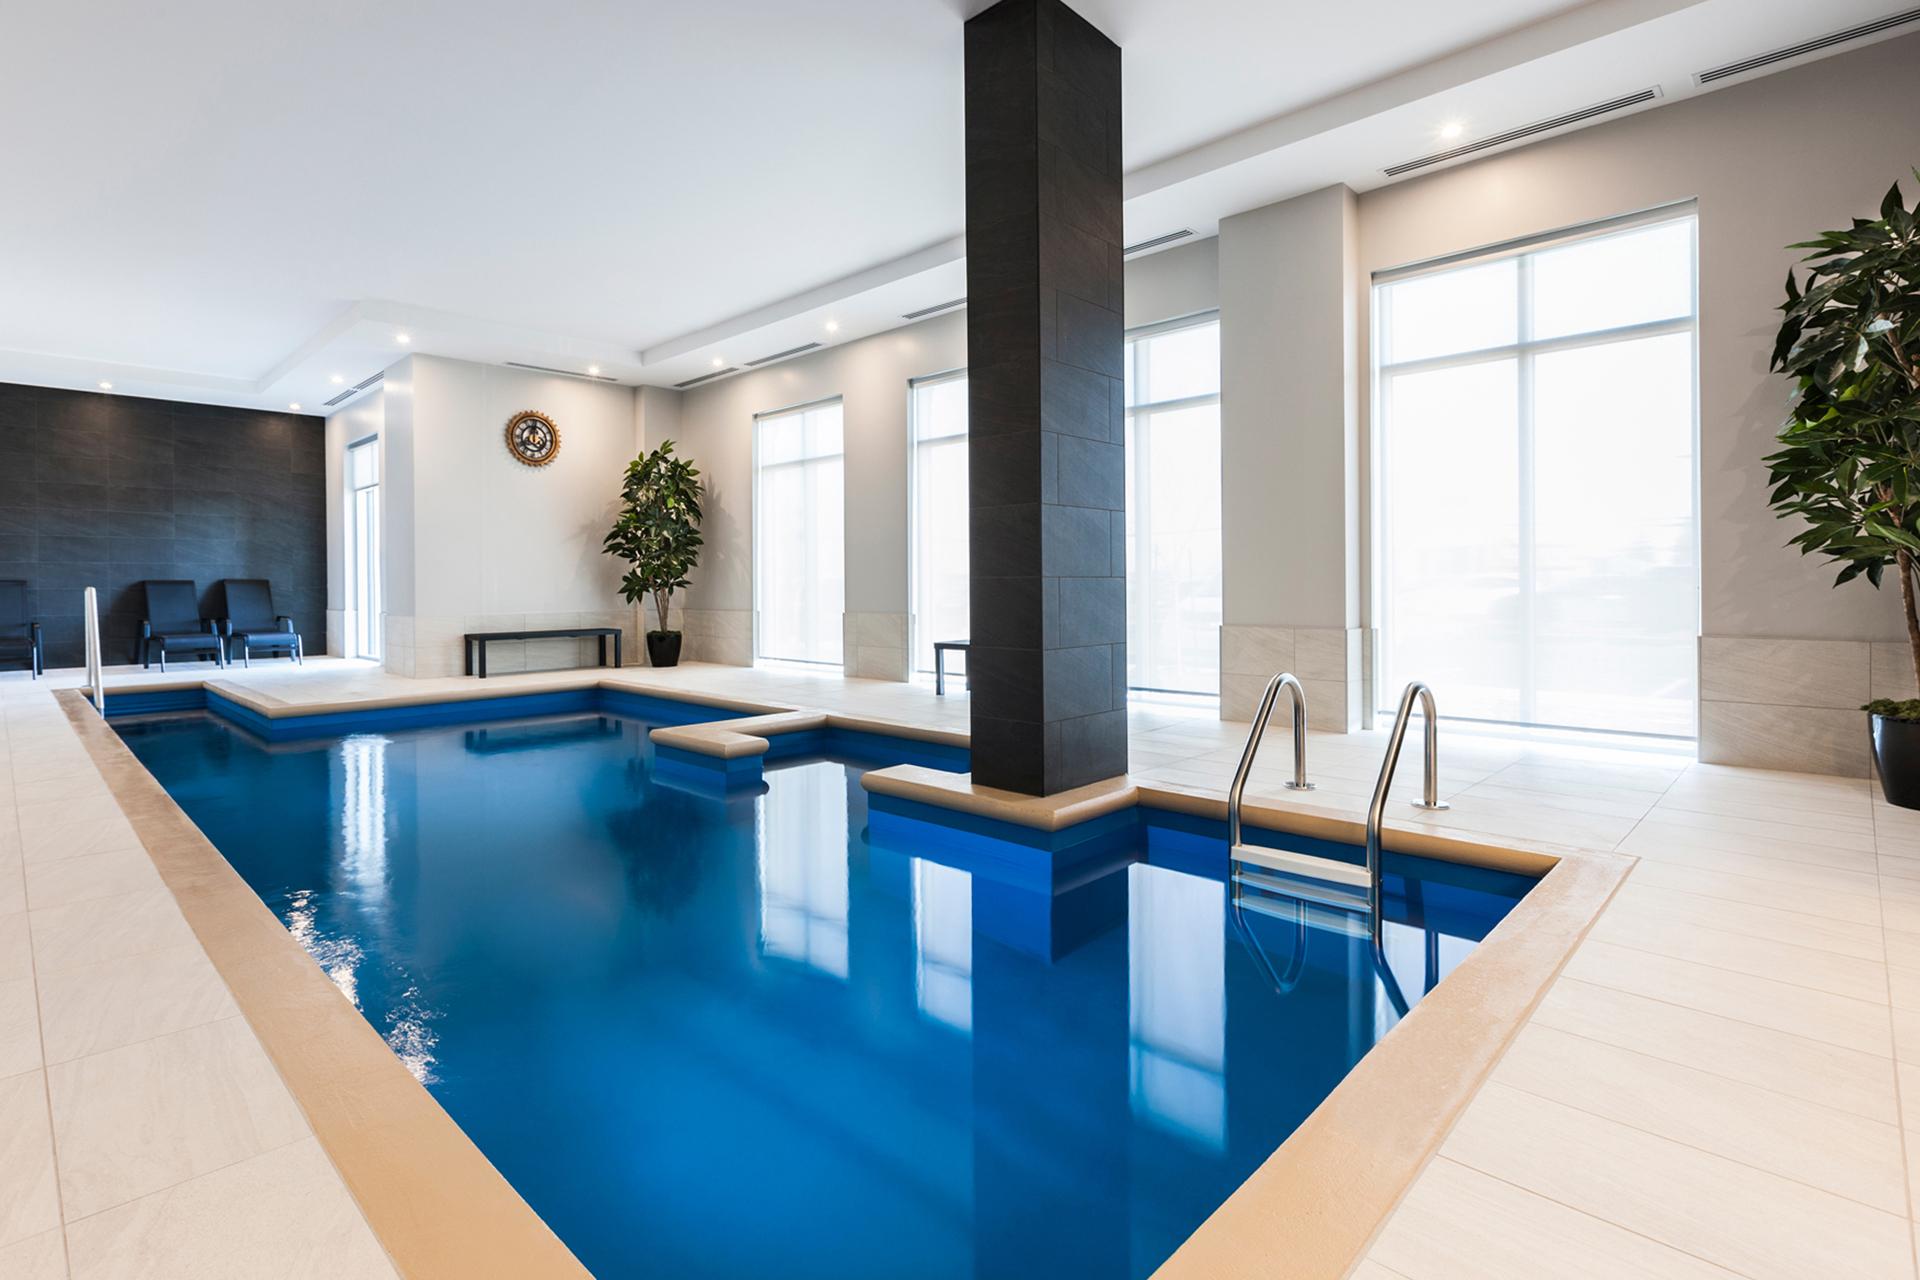 Imperia Hotels & Suites Boucherville